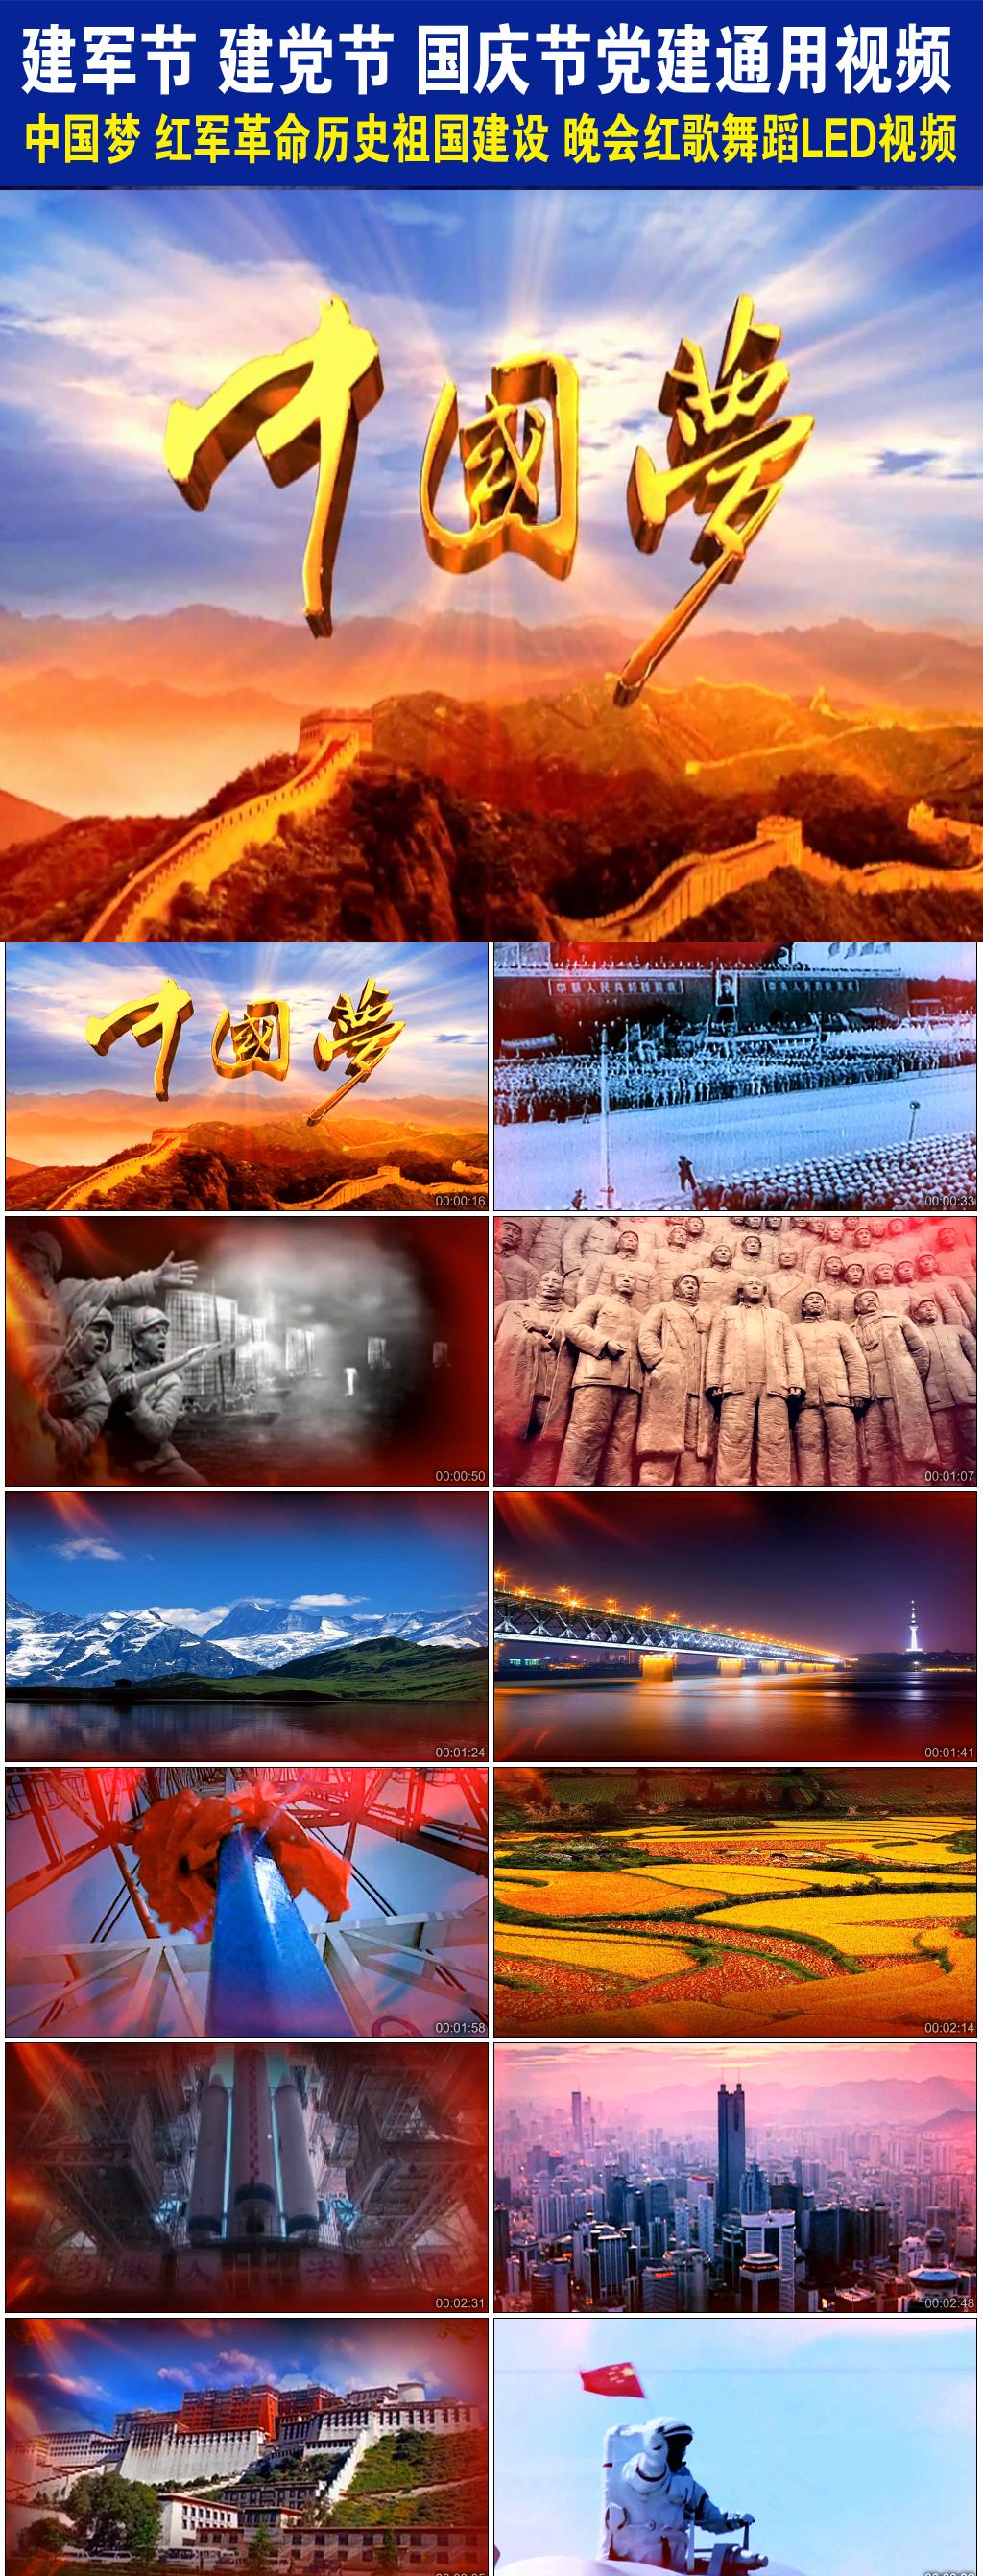 原创设计中国梦歌唱祖国爱国歌曲